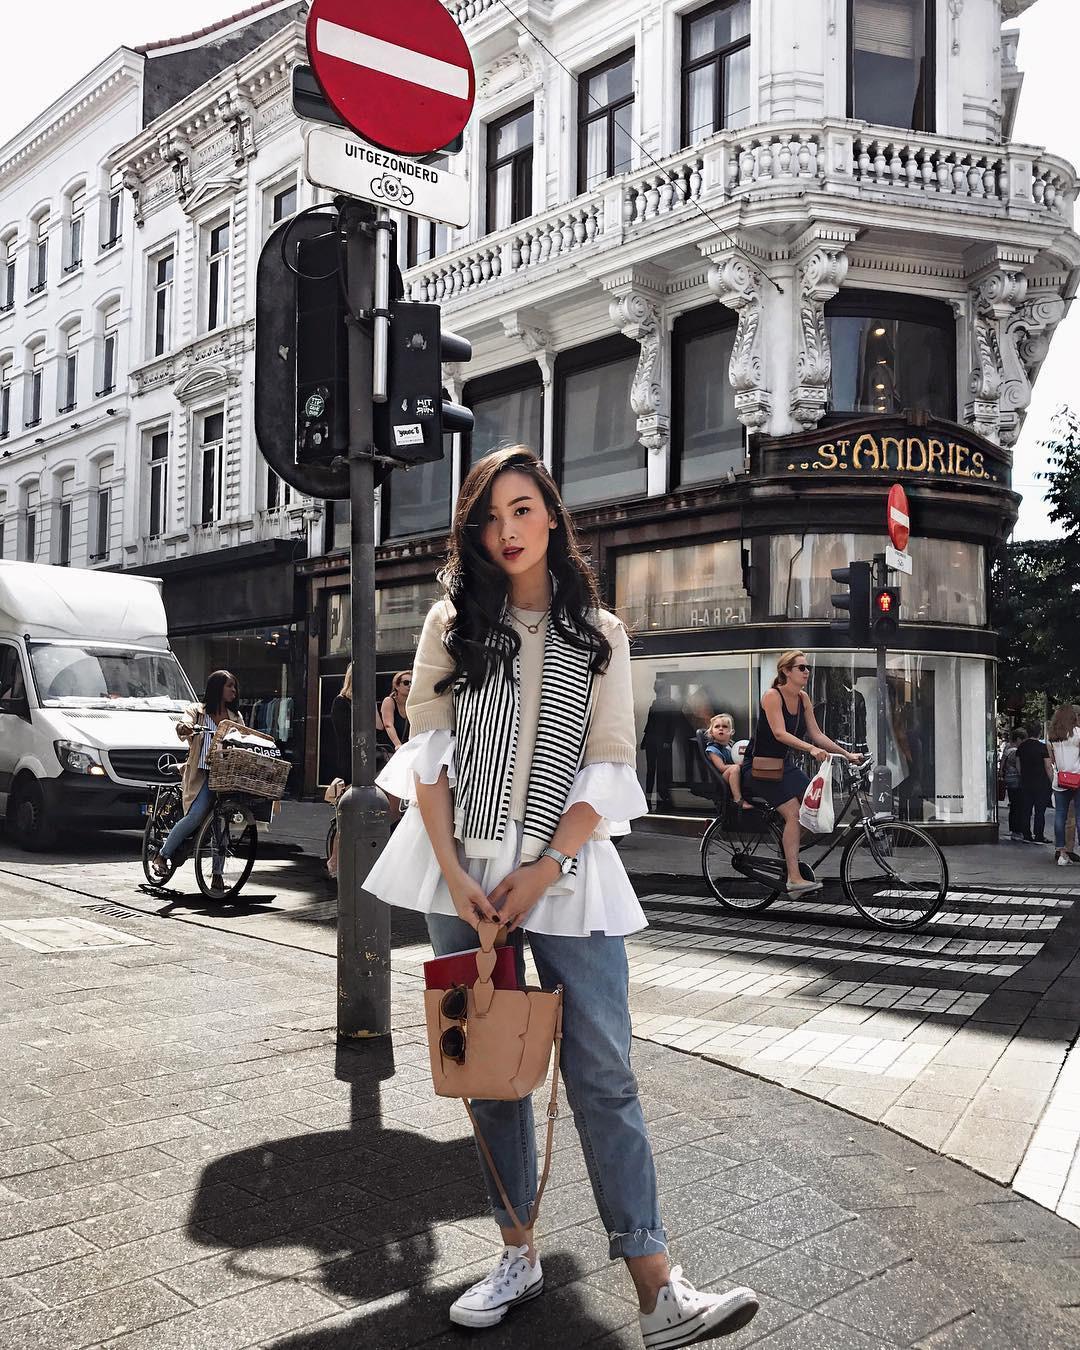 Phong cách thời trang street style chưa bao giờ ngưng hạ nhiệt